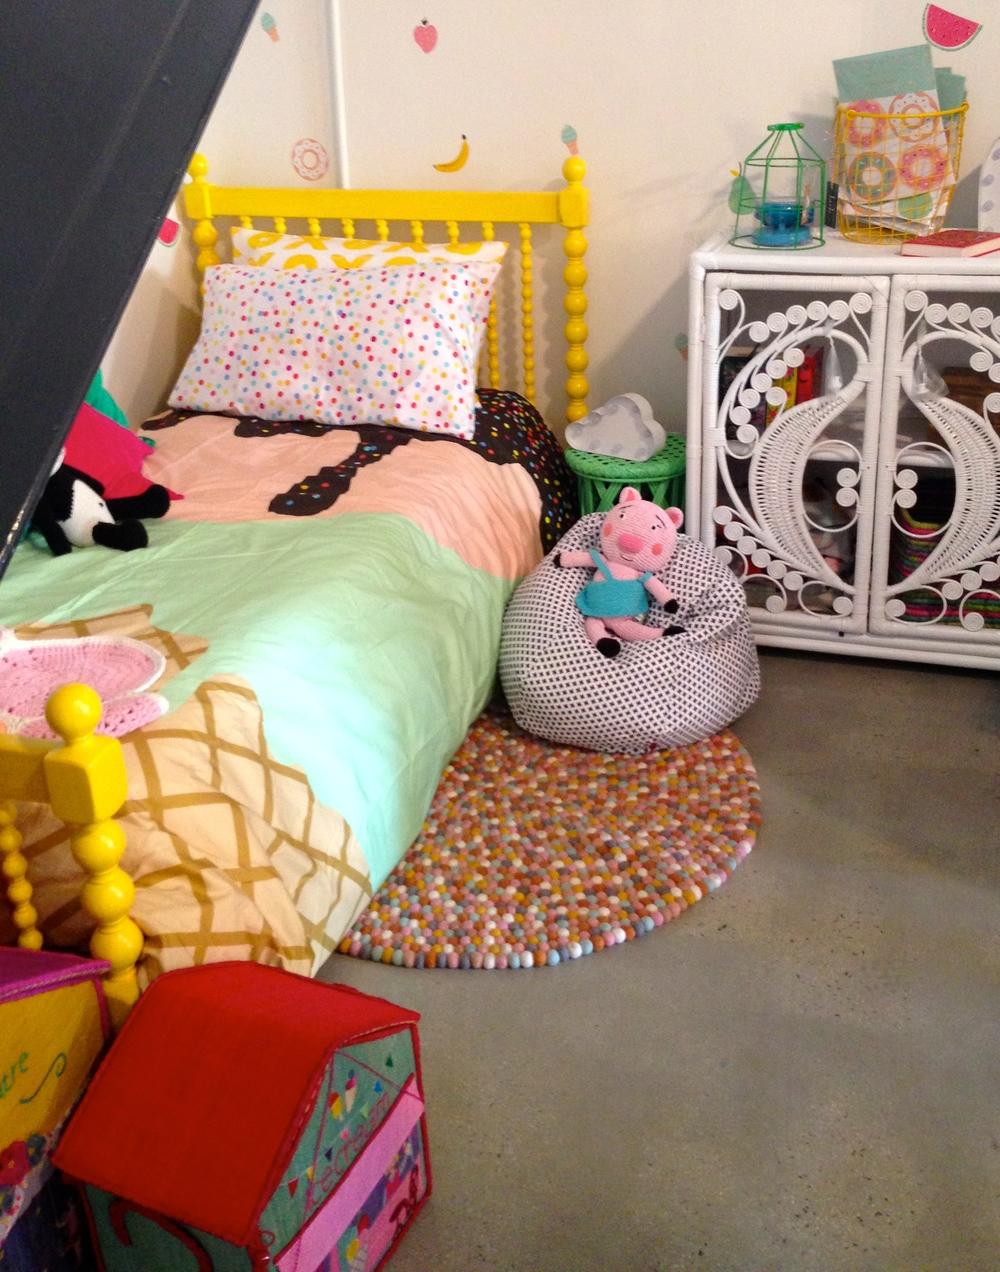 Sweet kids room ideas